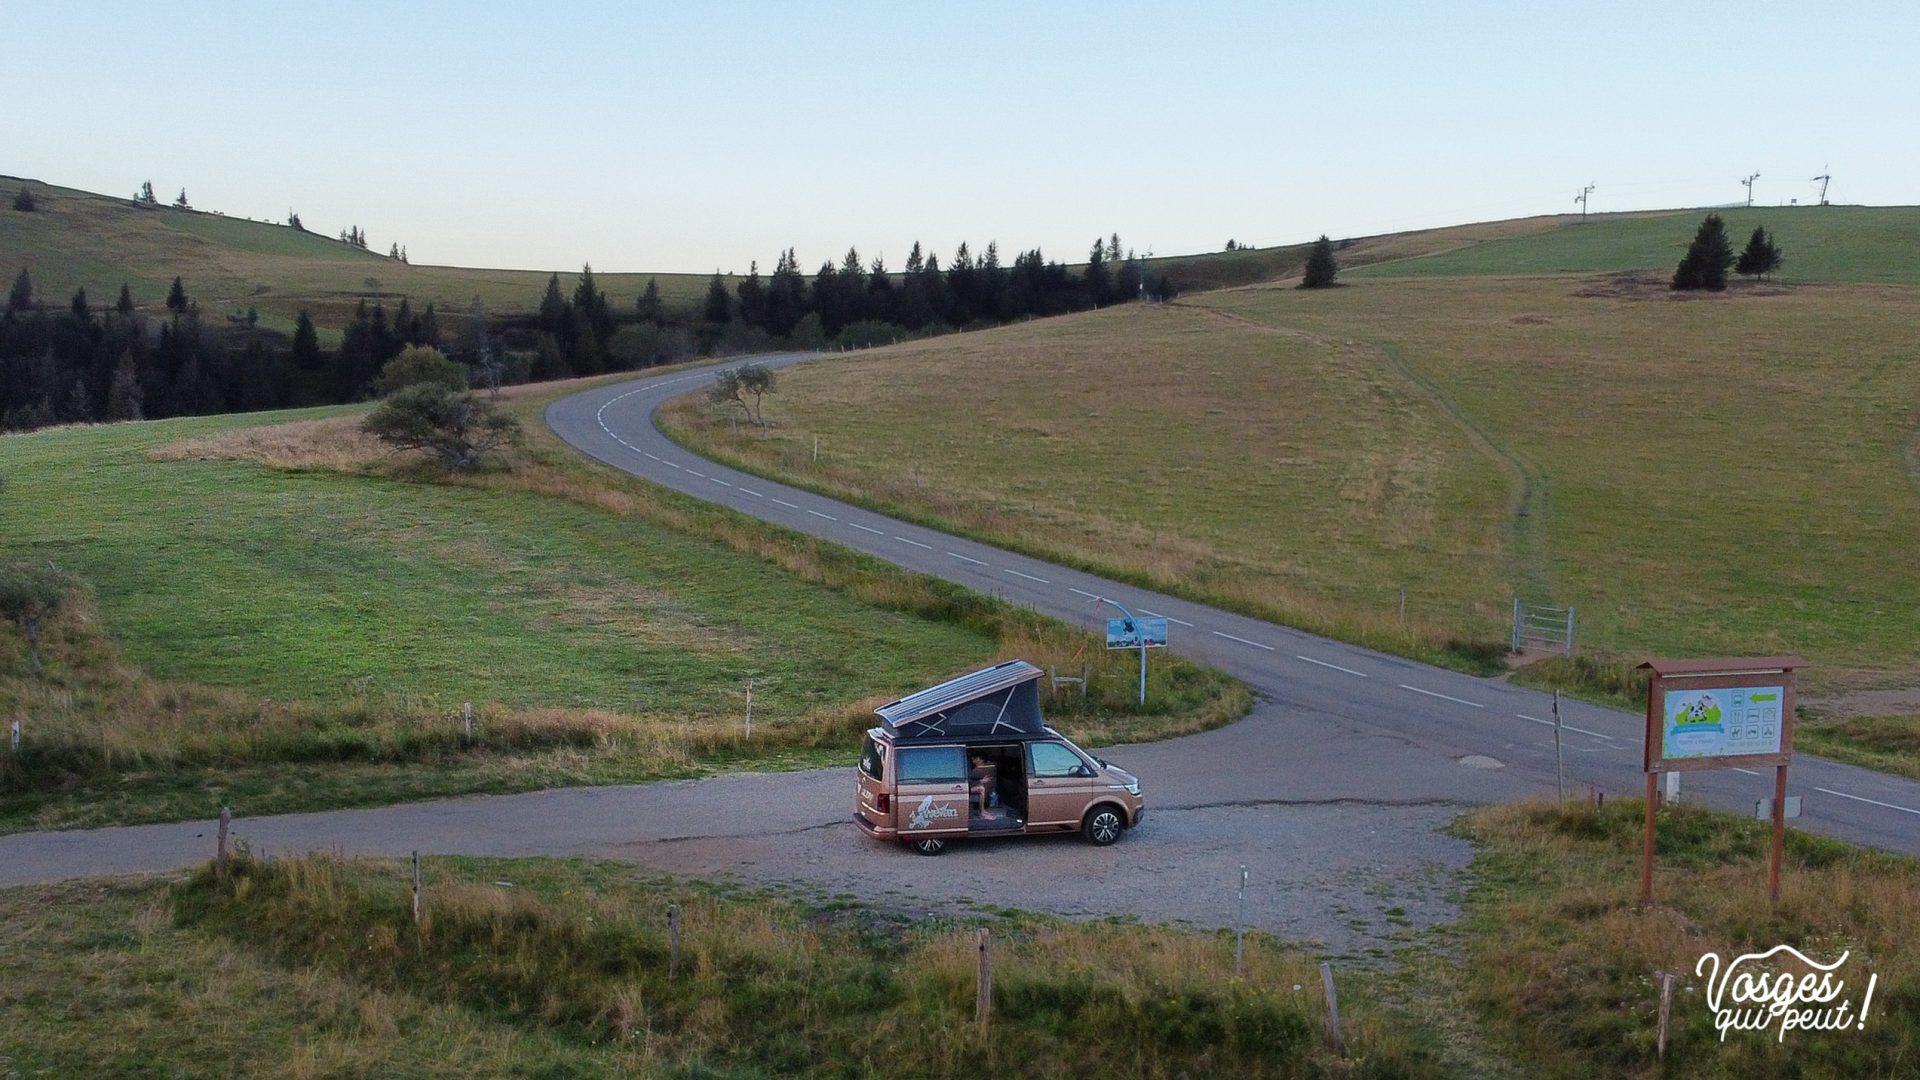 Un van WeVan installé pour la nuit à côté de la Route des Crêtes dans les Vosges